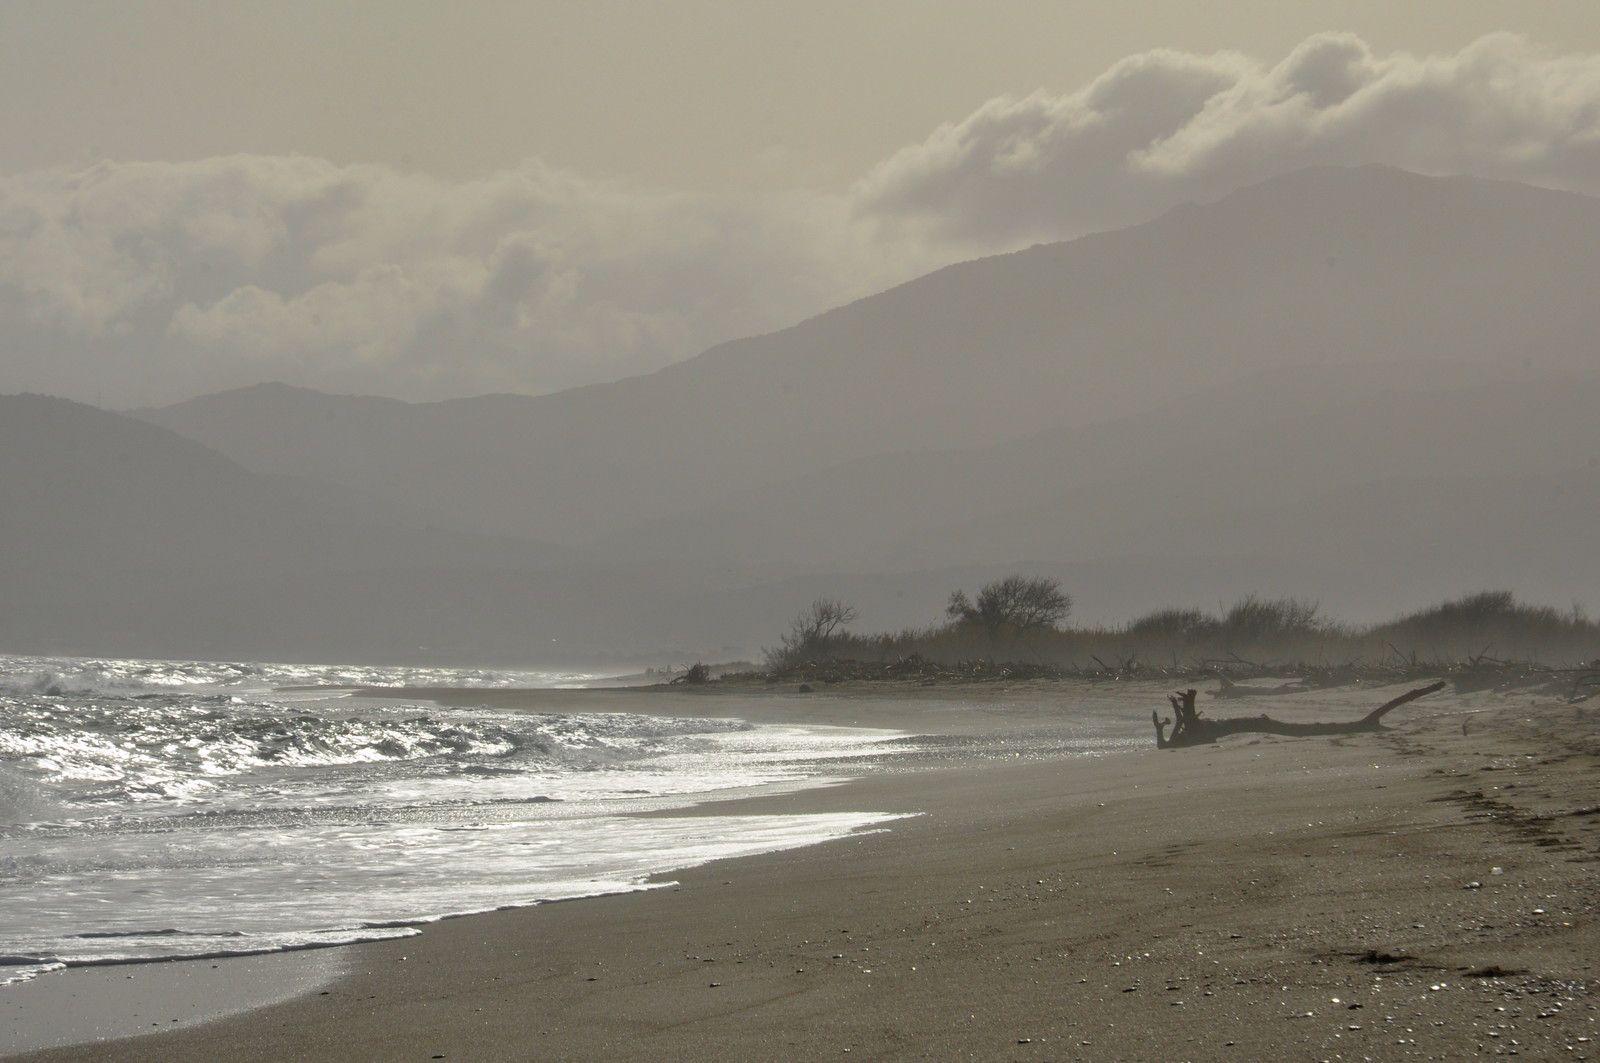 Un tronc sur la plage.